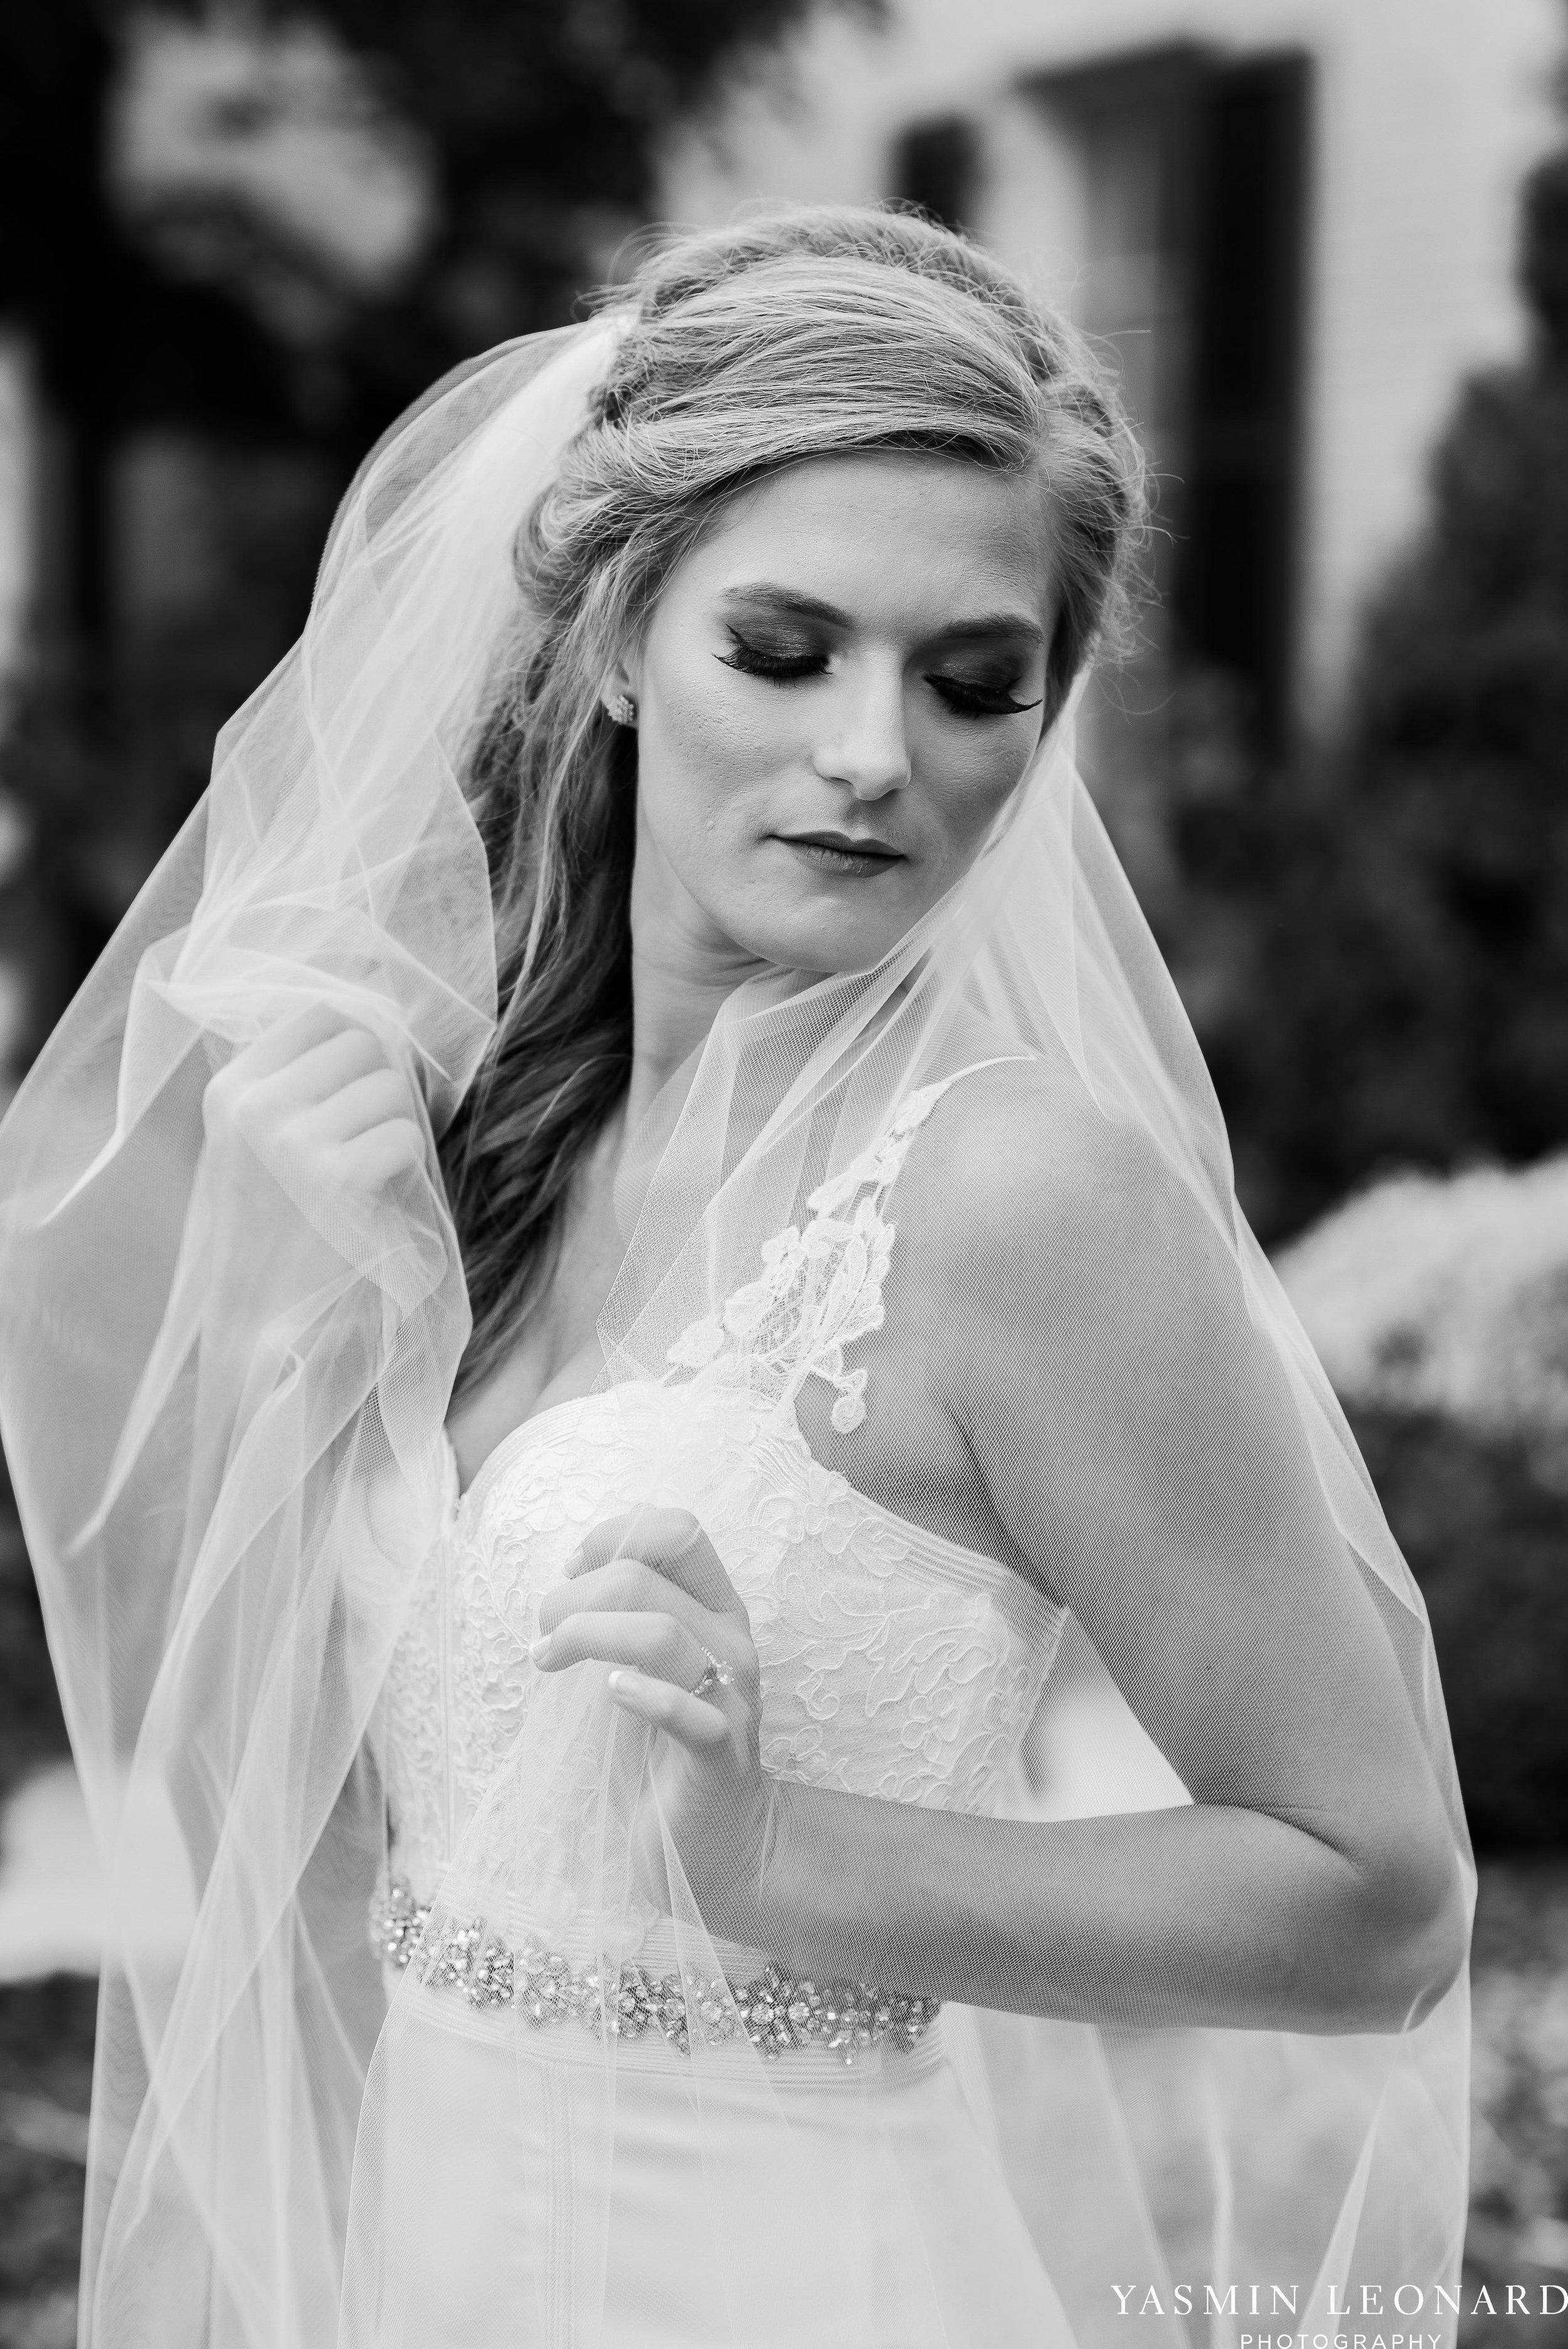 Boxwood Estate - Boxwood Estate Wedding - Luxury Wedding - Black and White Wedding - NC Wedding Venues - NC Weddings - NC Photographer - Lantern Release Grand Exit - Large Wedding Party - Yasmin Leonard Photography-12.jpg